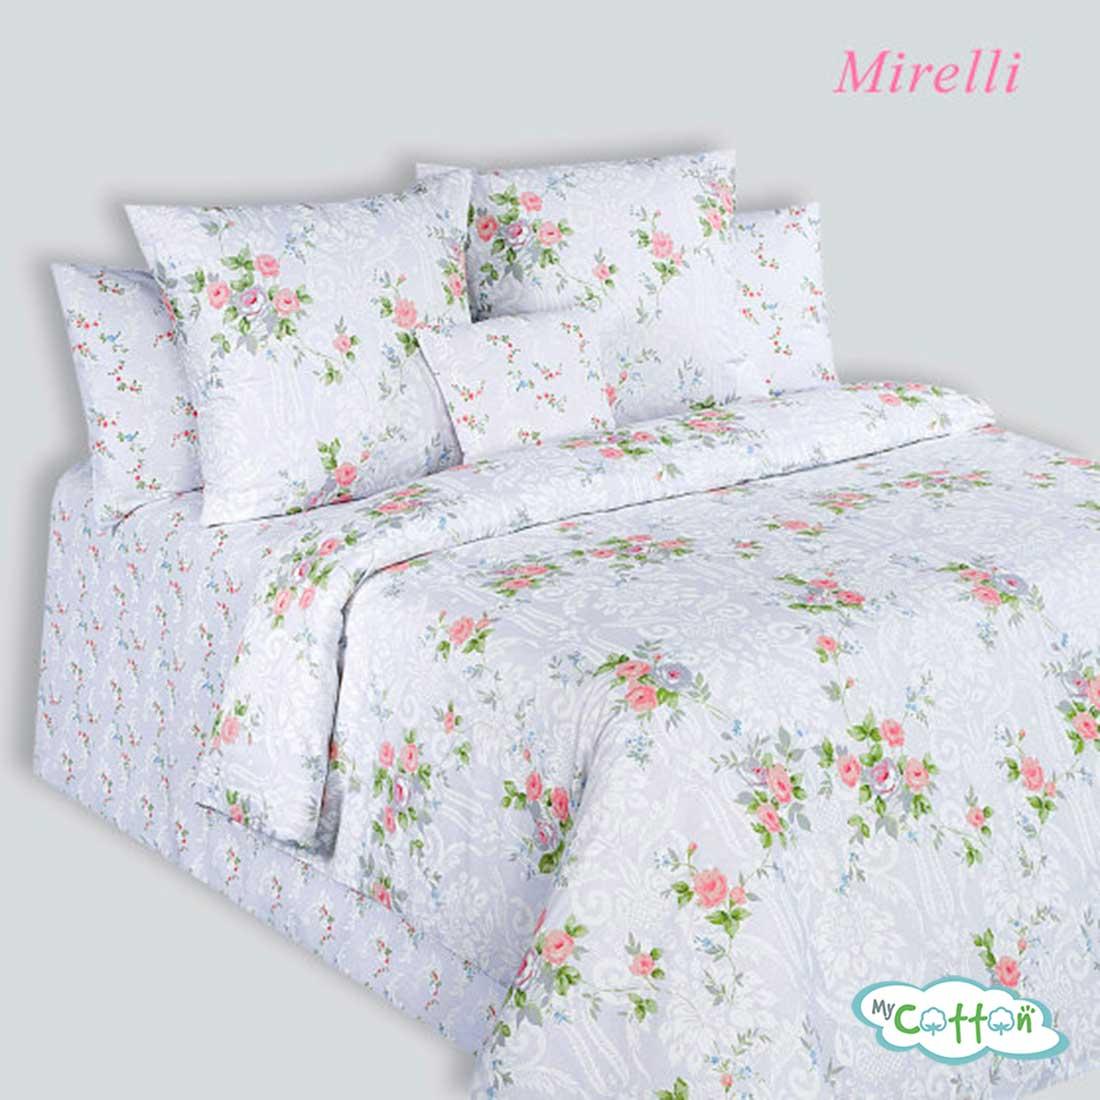 Постельное белье Mirelli (Мирелли) коллекция Мерлин Монро (Marilyn Monroe)